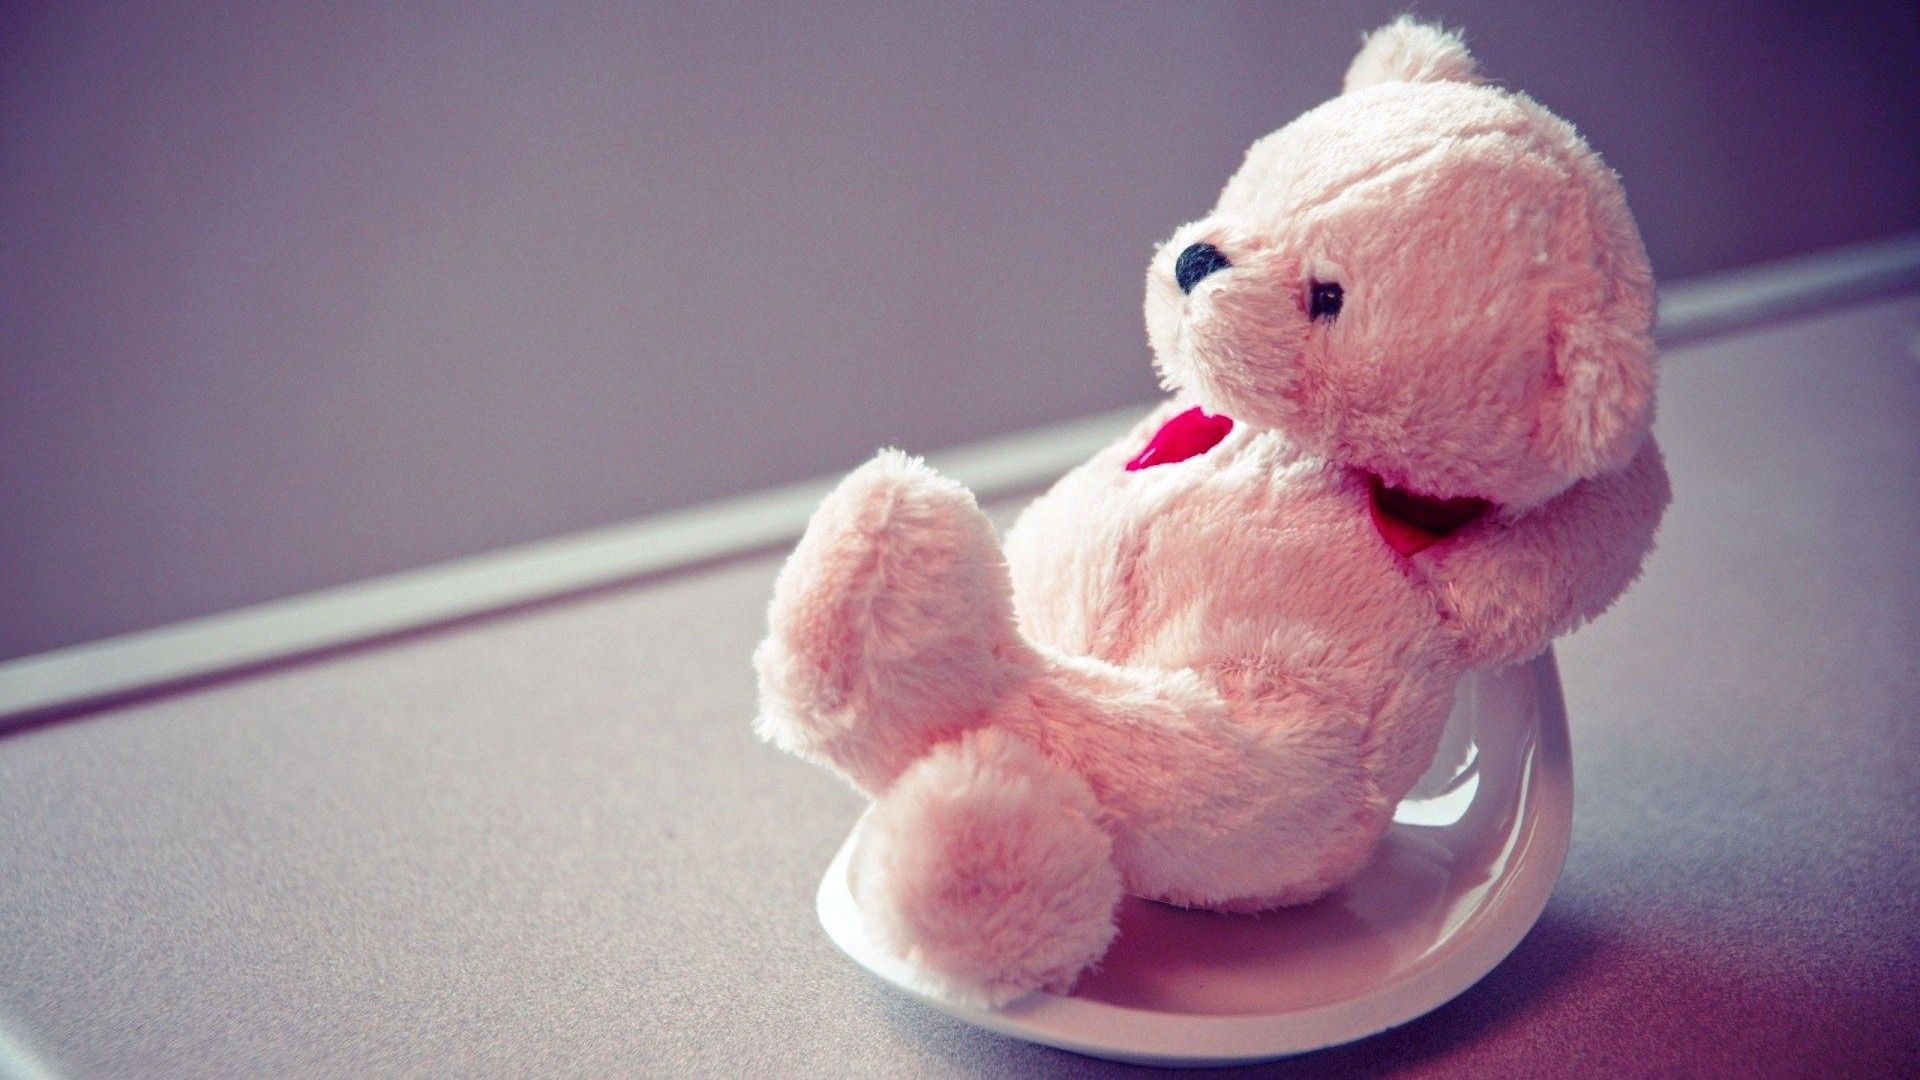 Hd Cute Teddy Bear Backgrounds Best Wallpaper Hd Teddy Bear Wallpaper Teddy Bear Images Bear Wallpaper